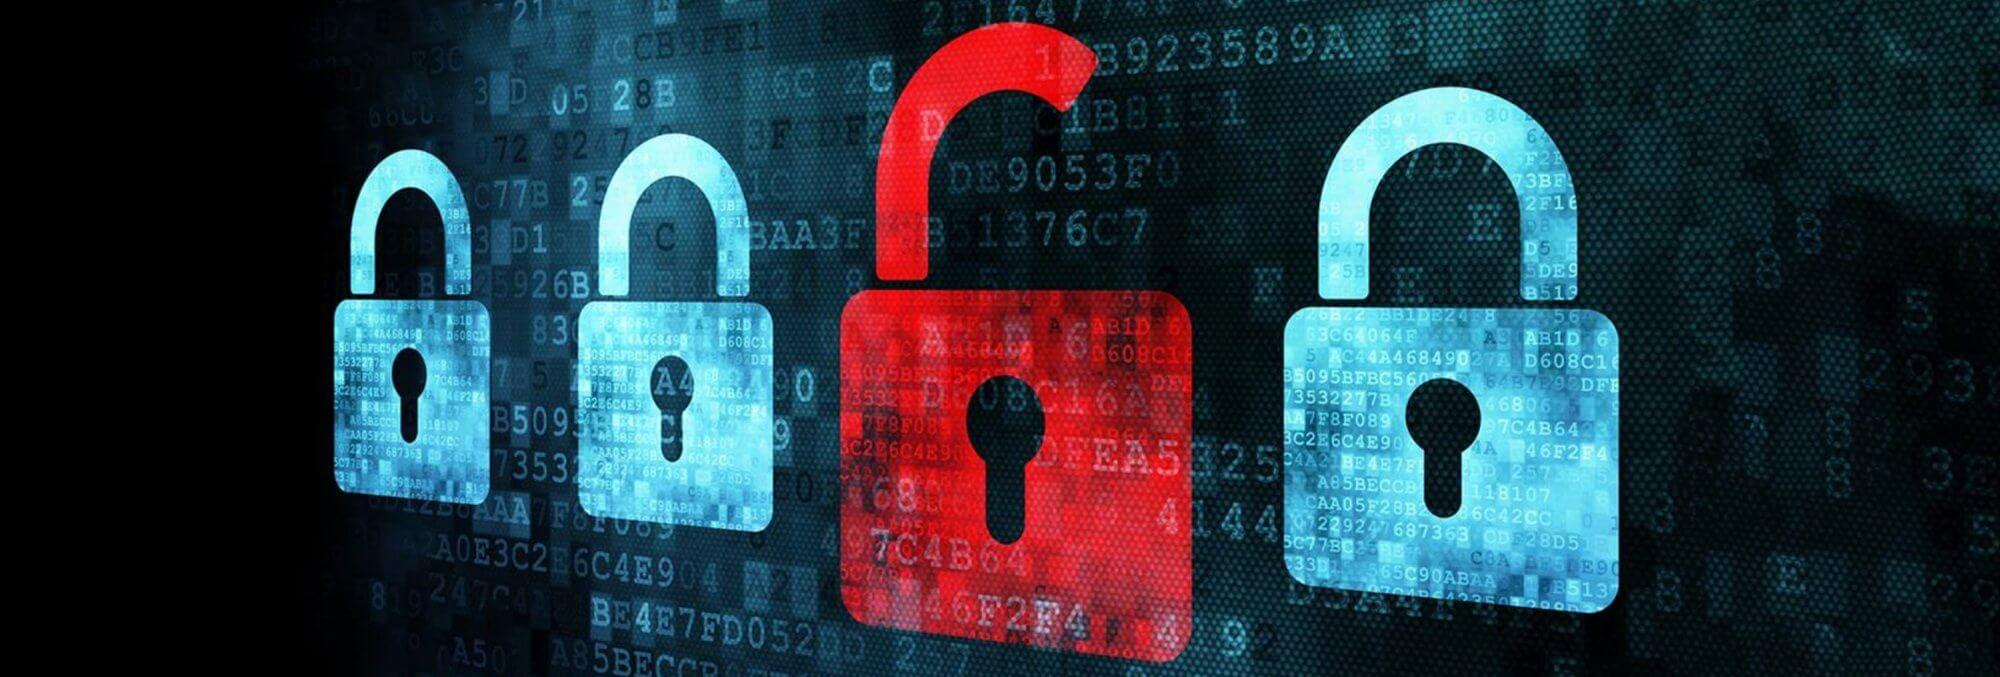 Доверьте информационную безопасность вашего бизнеса профессионалам